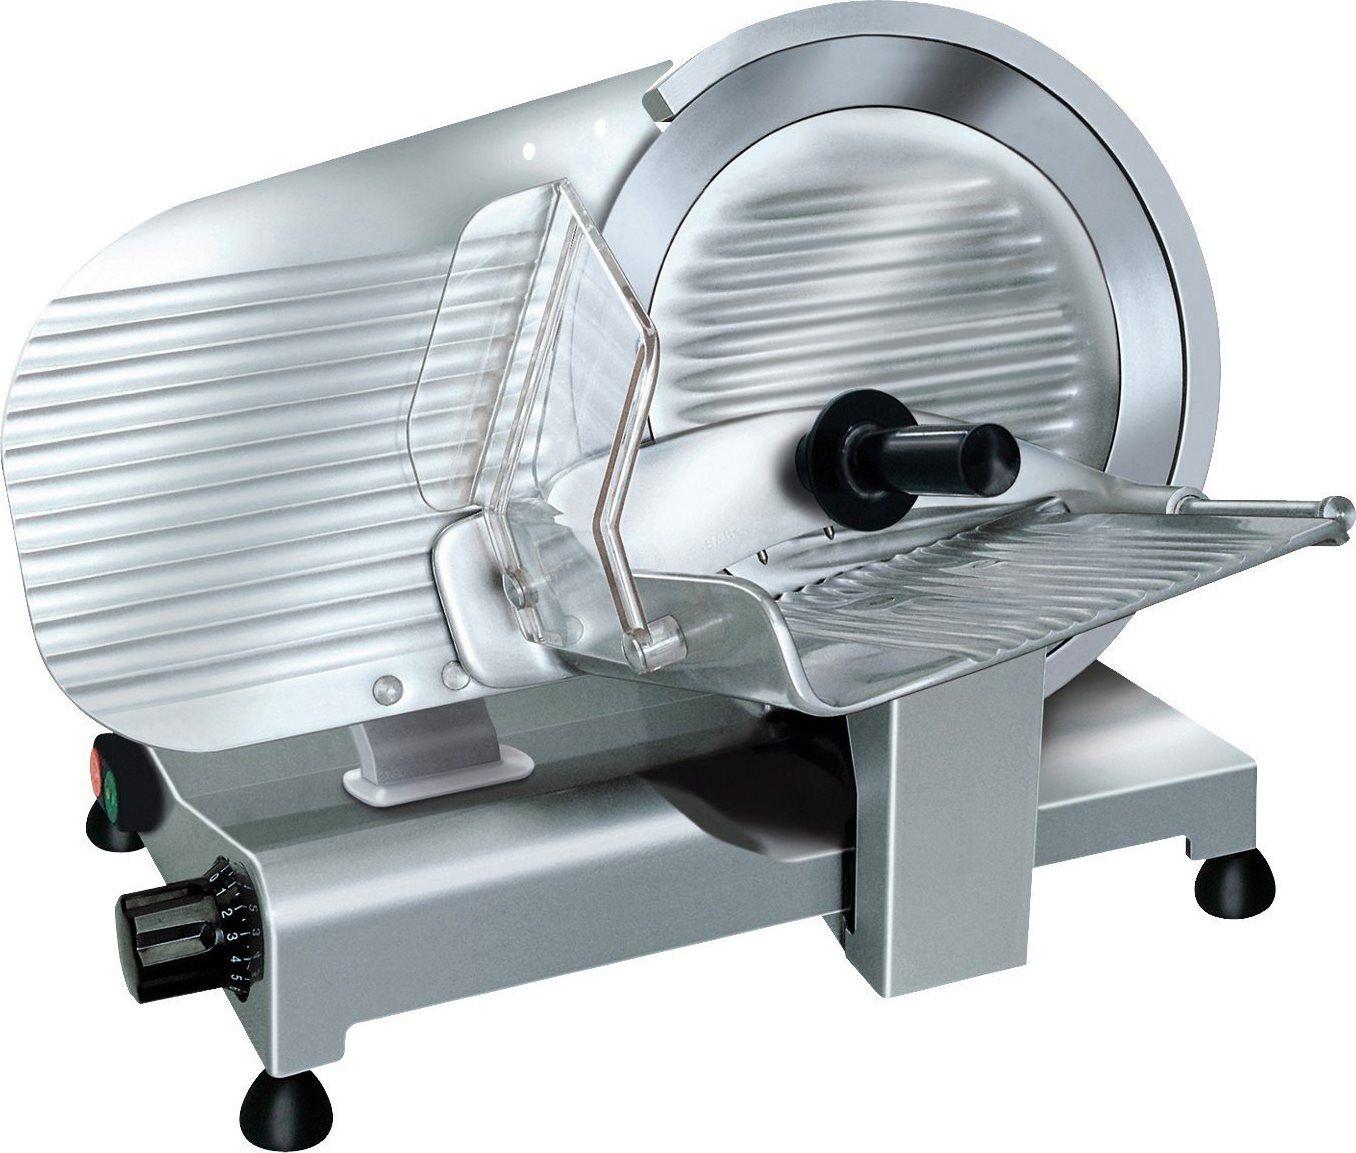 rgv 275/a Affettatrice Elettrica Lama Professionale In Acciaio Diametro 27,5 Cm Potenza 150 Watt - 275/a Lusso